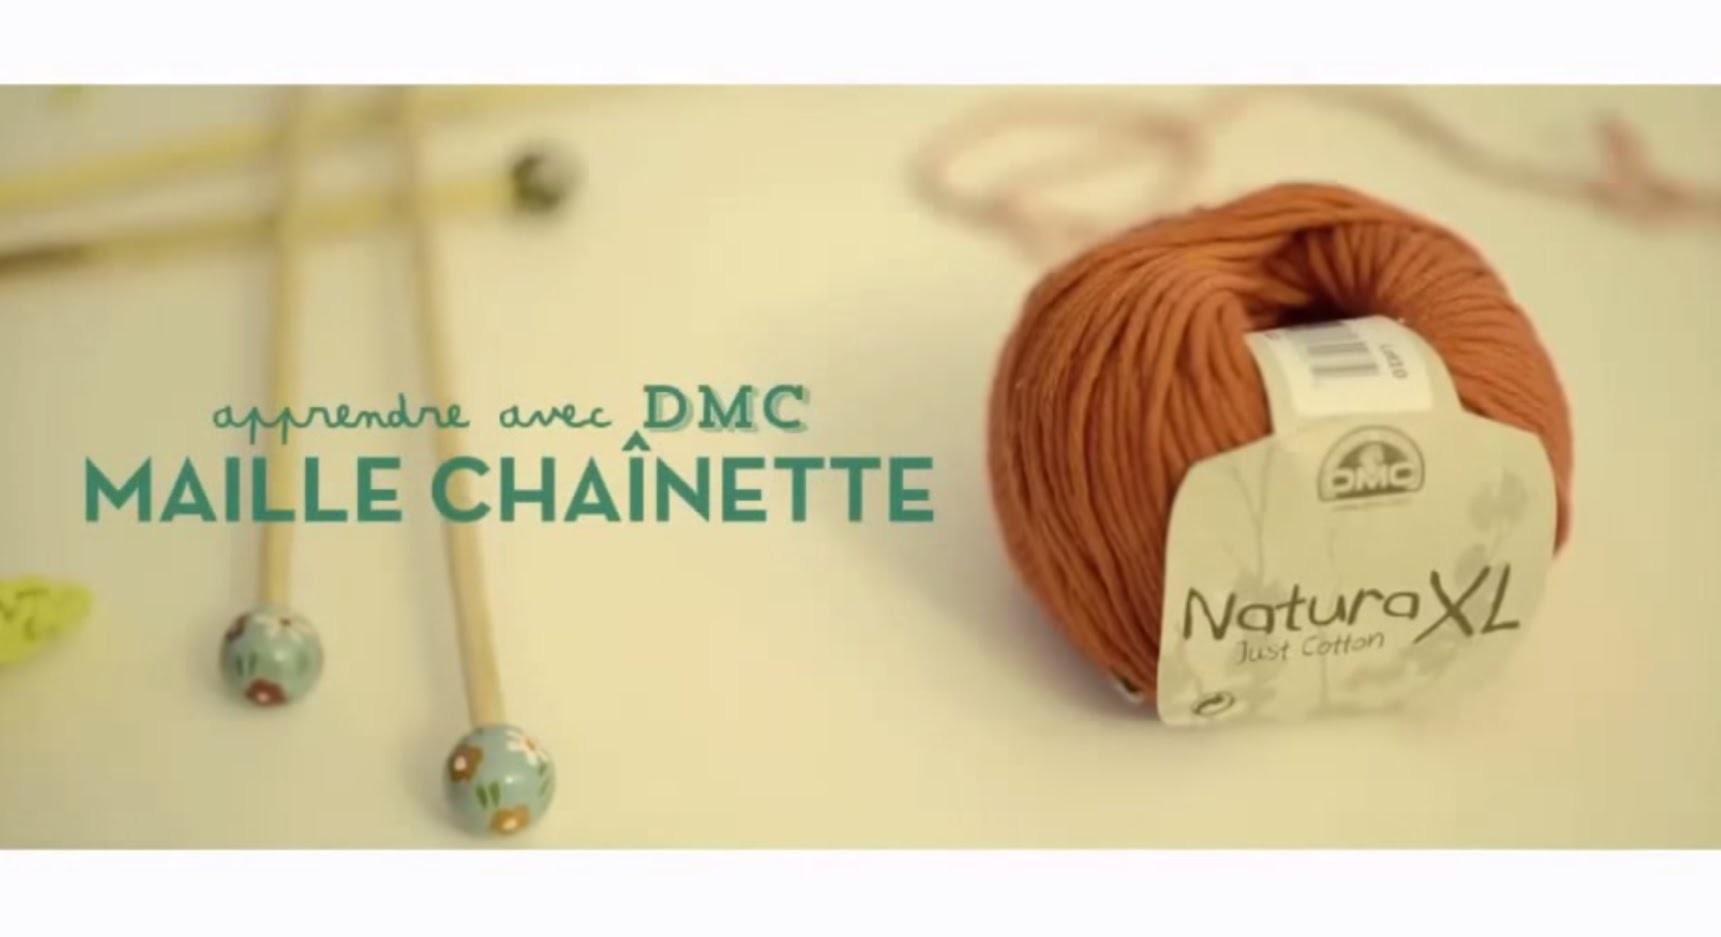 Tuto crochet débutant : Maille chaînette (maille en l'air) avec DMC